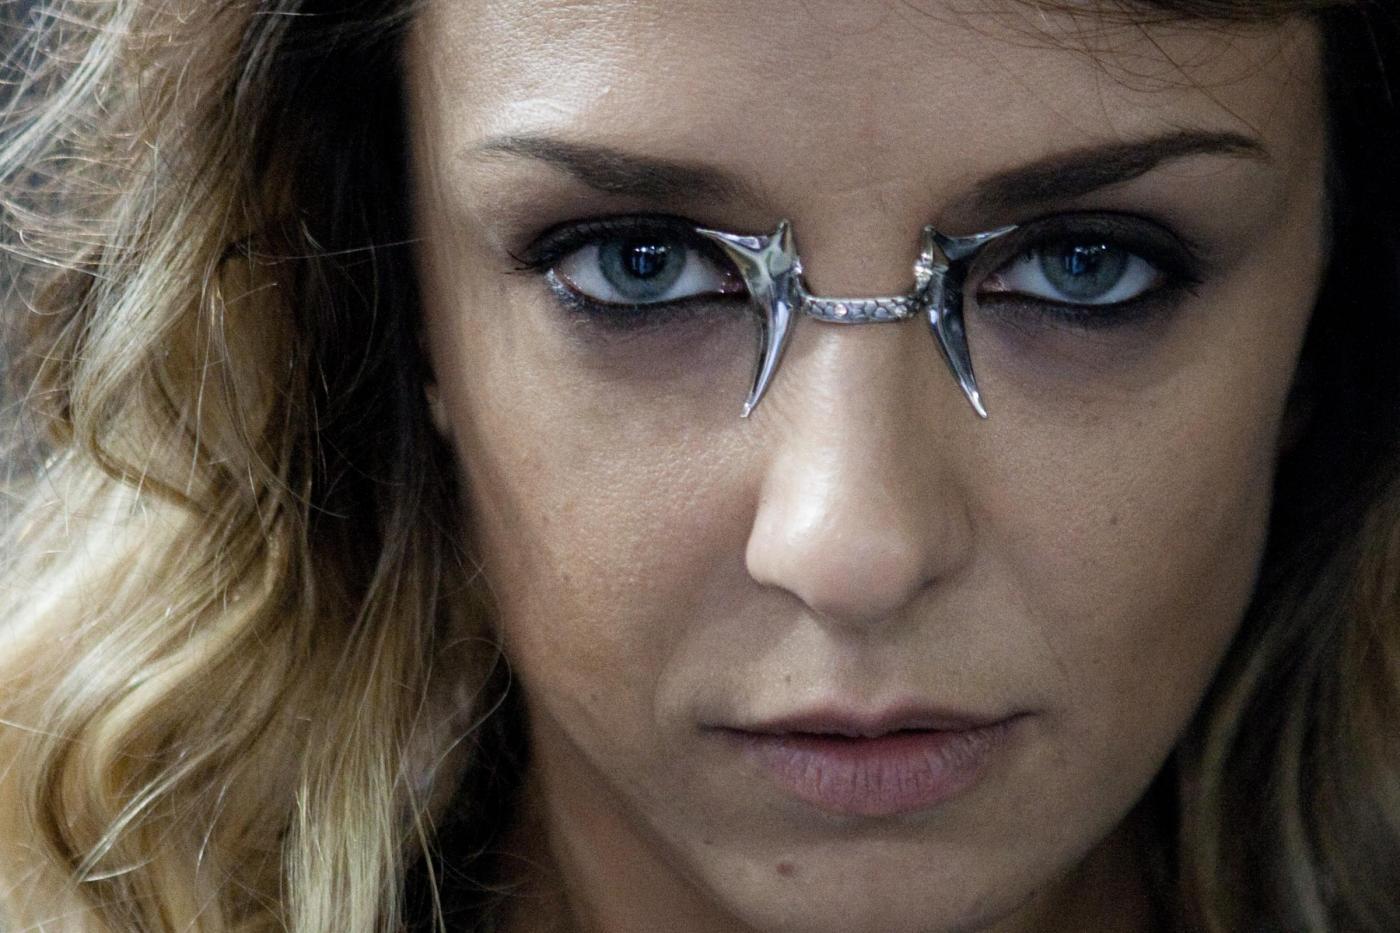 Myriam Catania, la moglie di Luca Argentero a cena con un amico: è crisi?